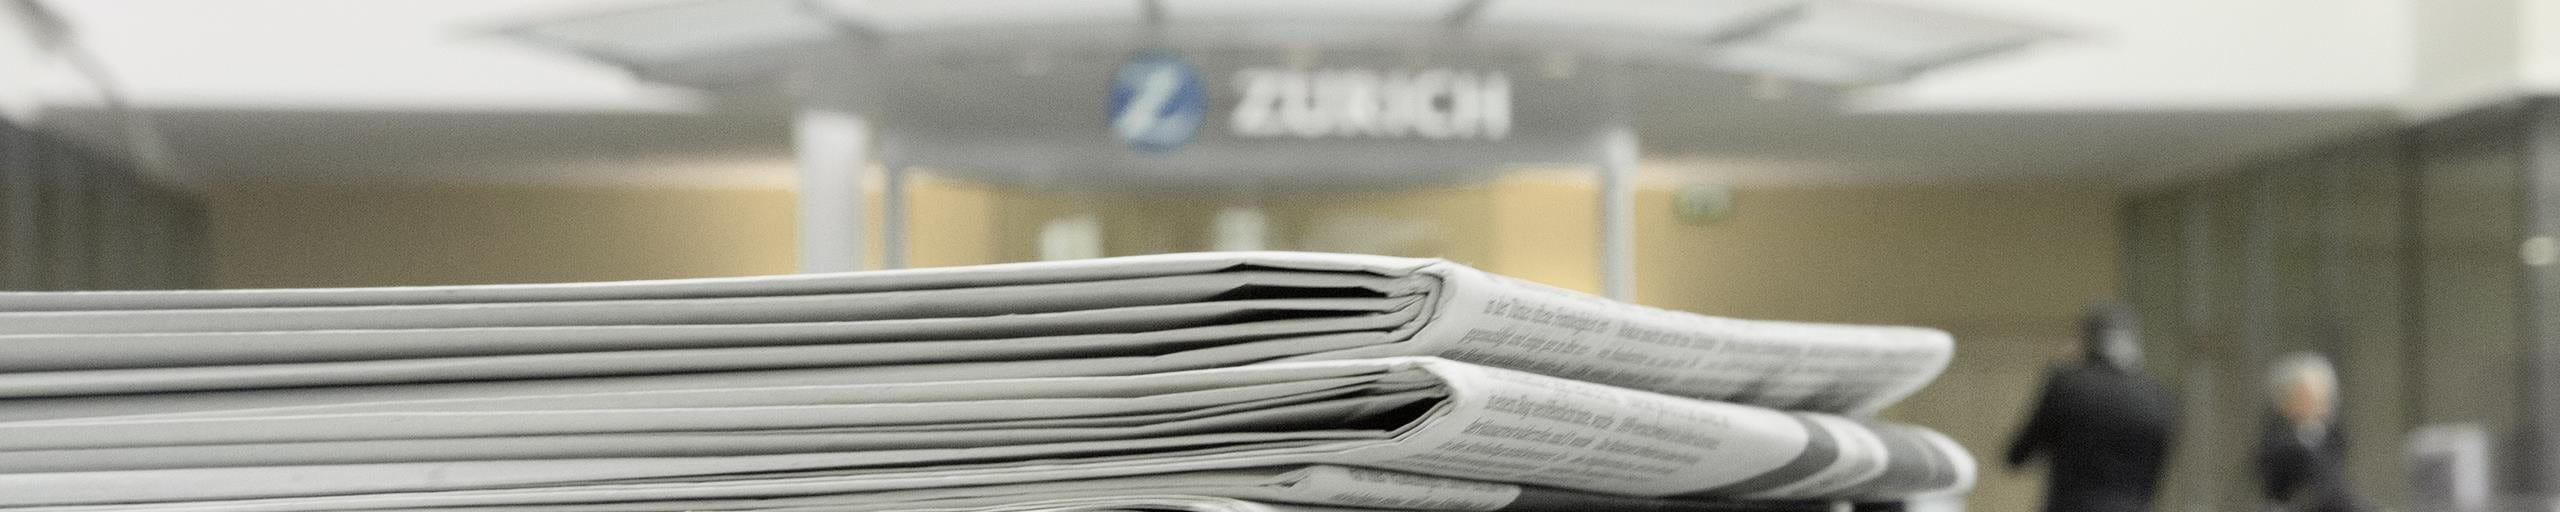 Une pile de journaux dans un bâtiment de la Zurich.